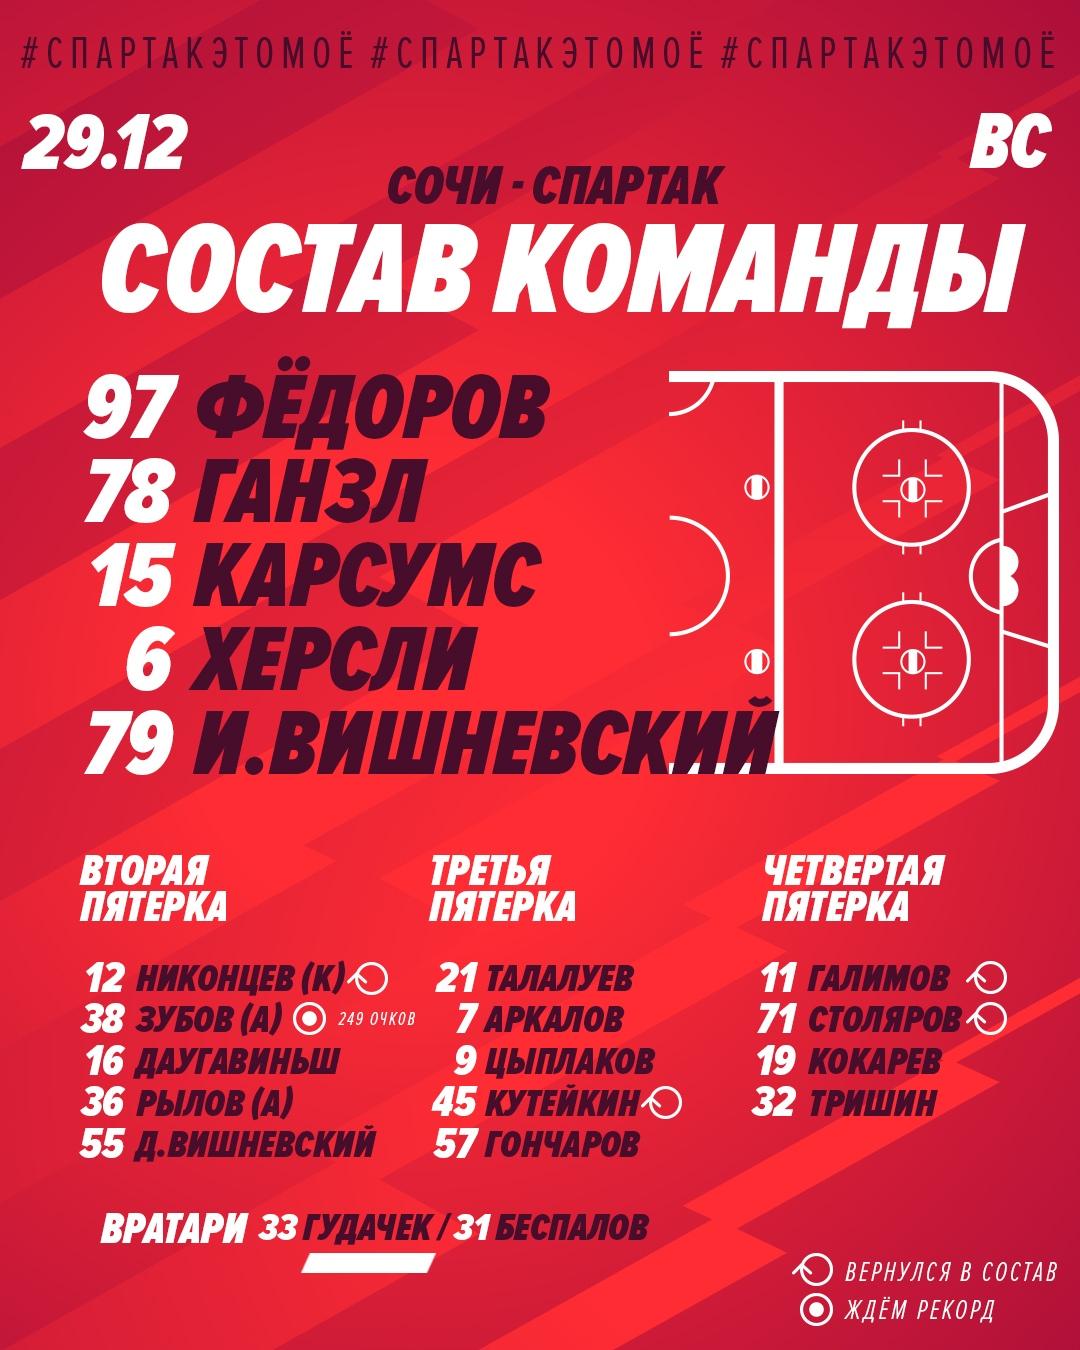 Состав «Спартака» а матч с «Сочи»